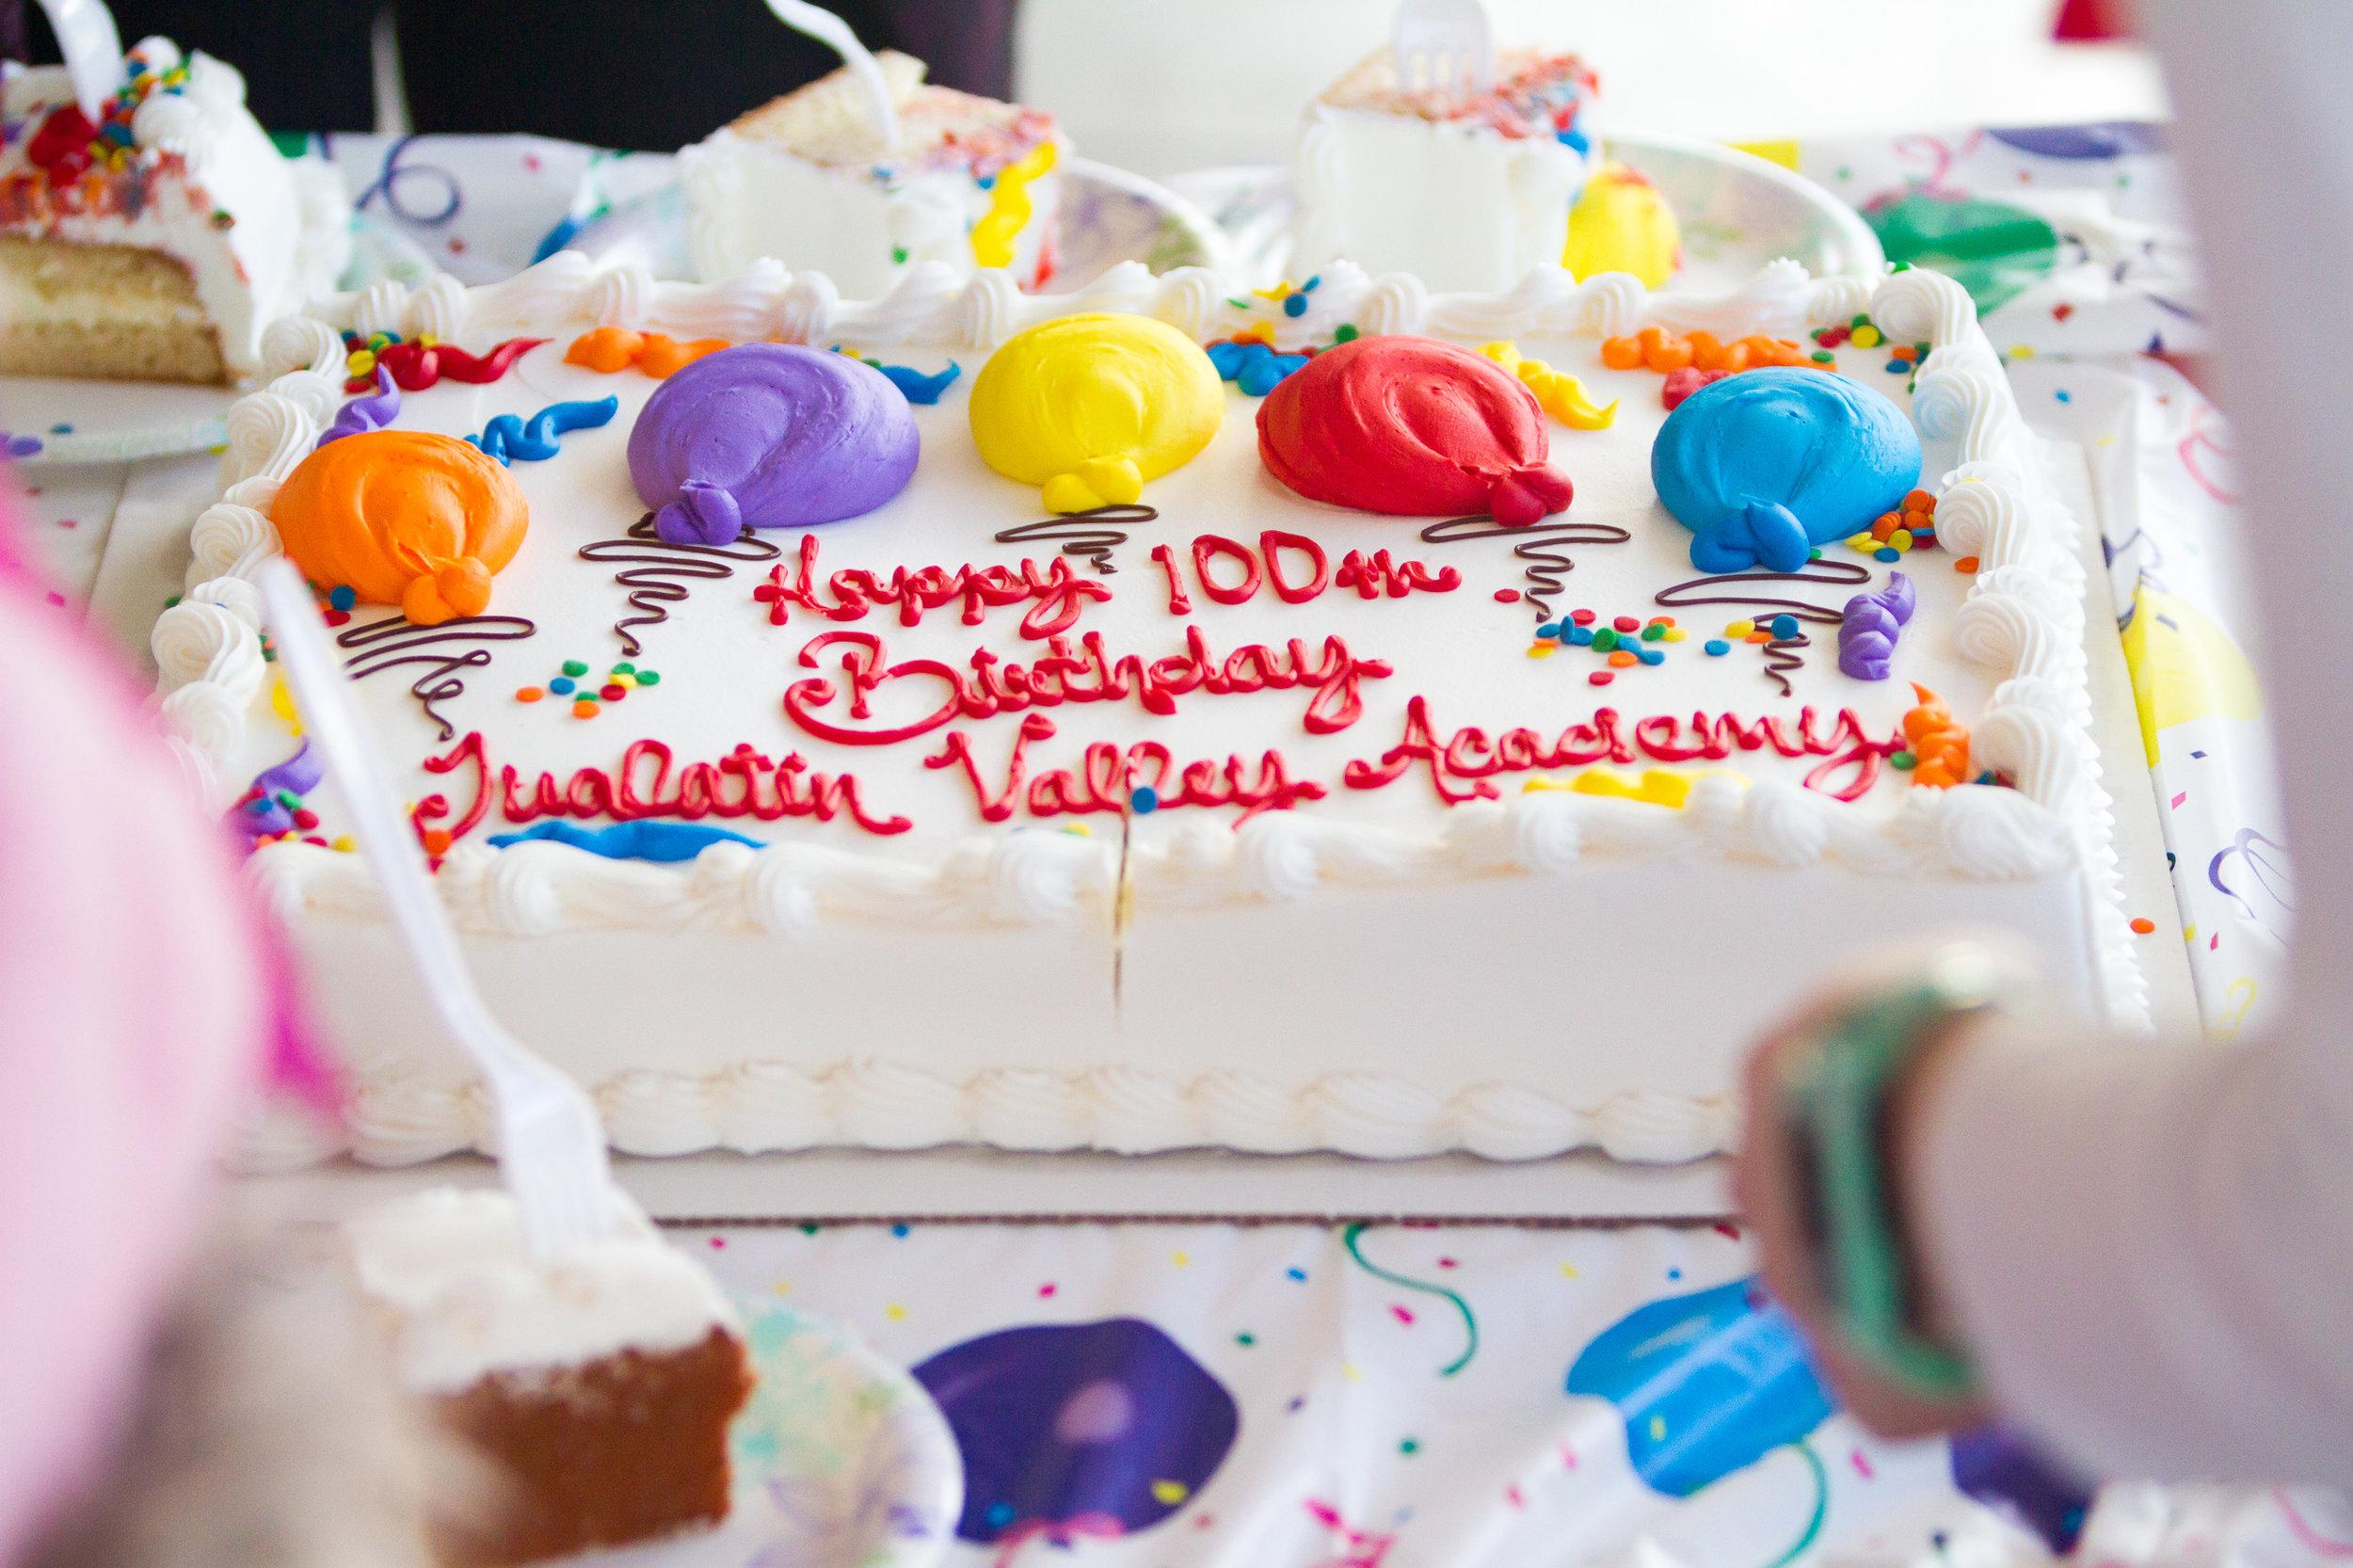 TVA's 100th Birthday